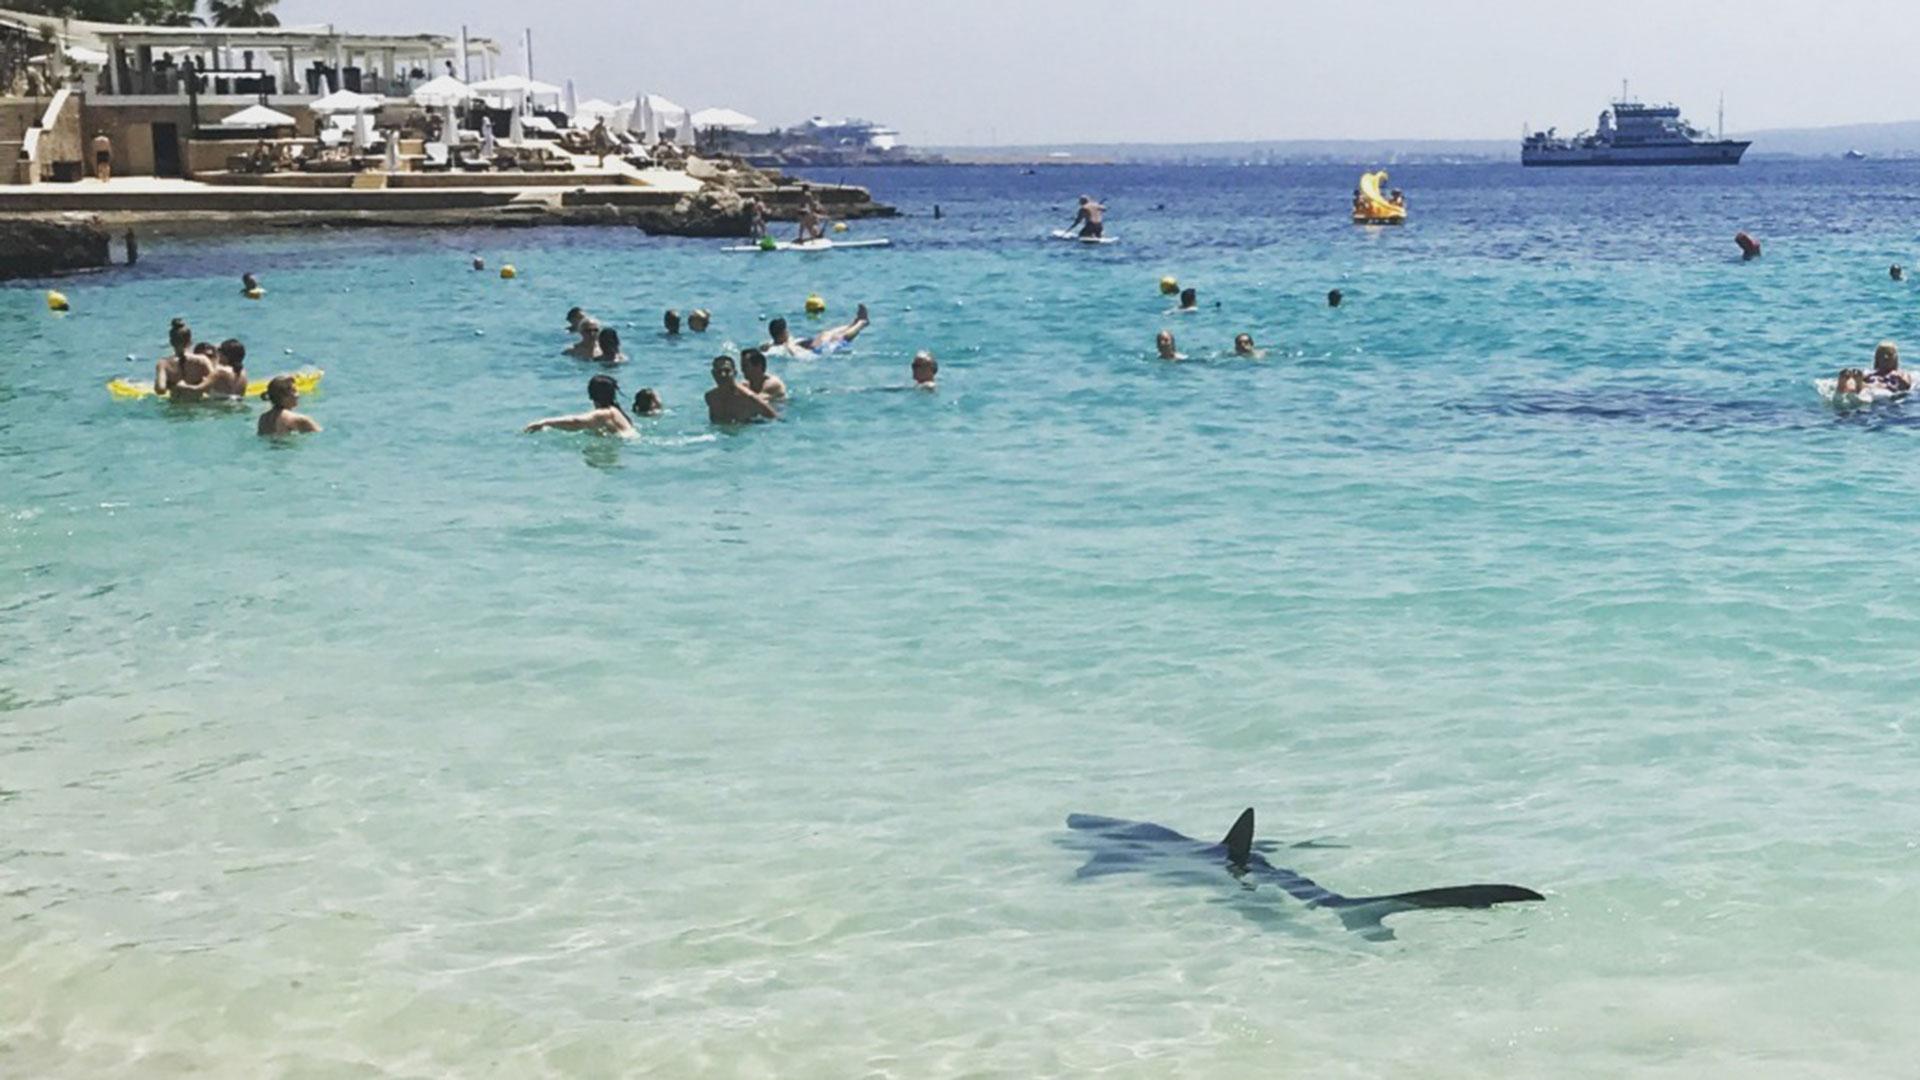 Hai an Badestrand am Mittelmeer